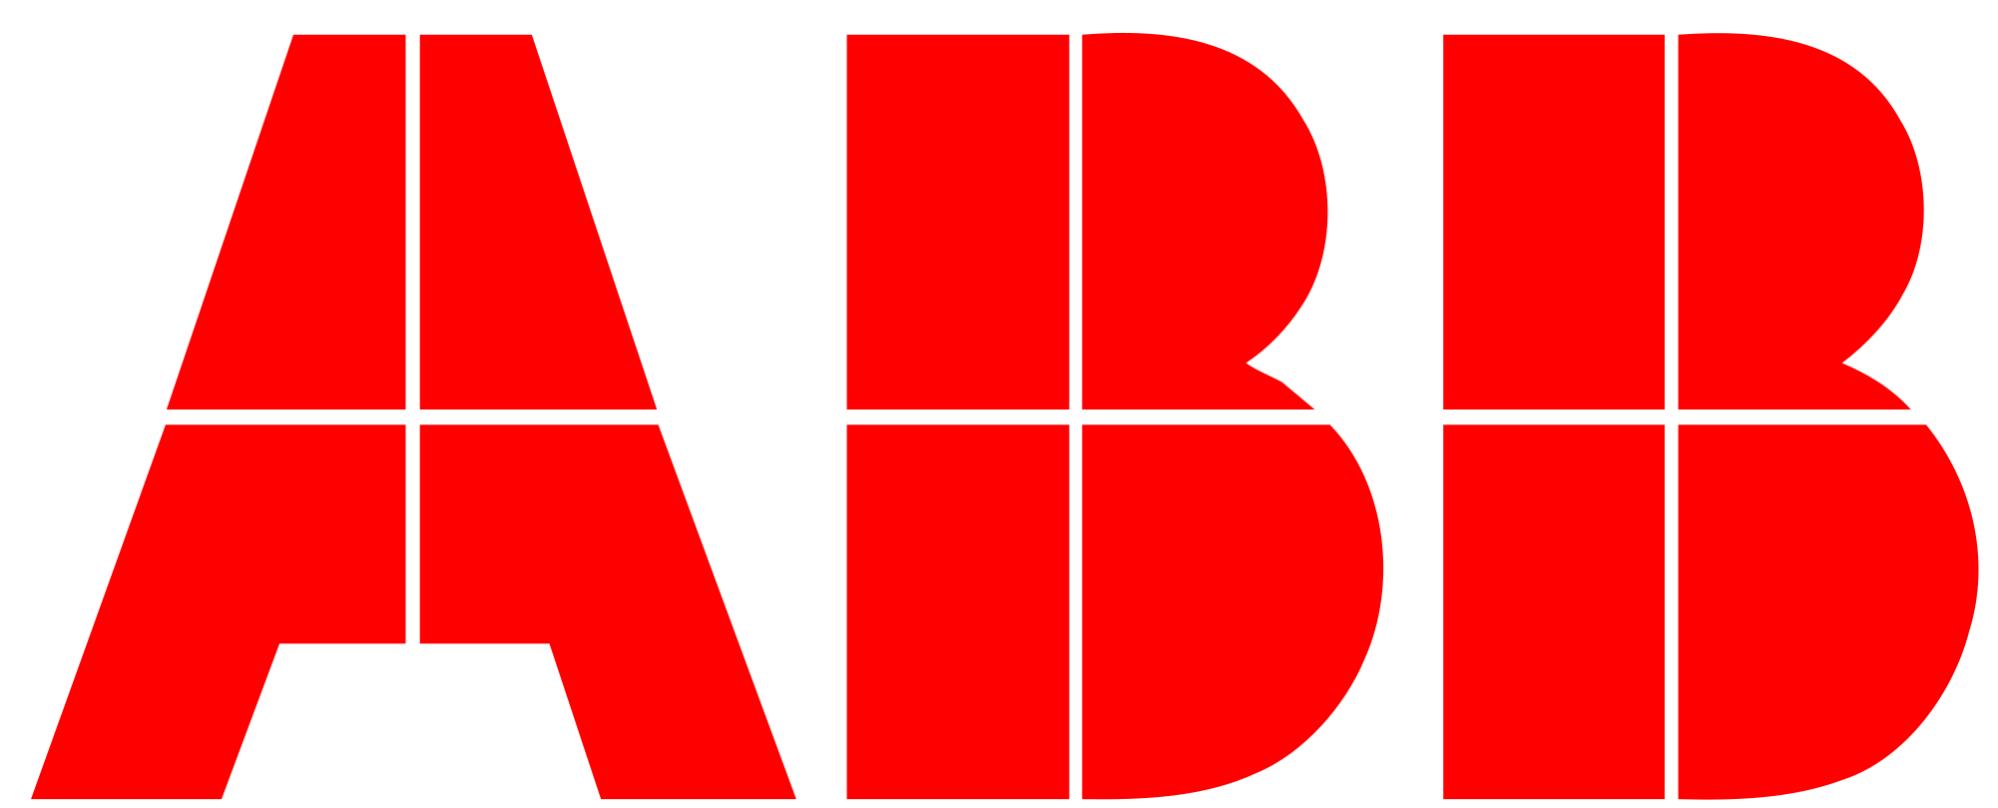 ABB inverter logo